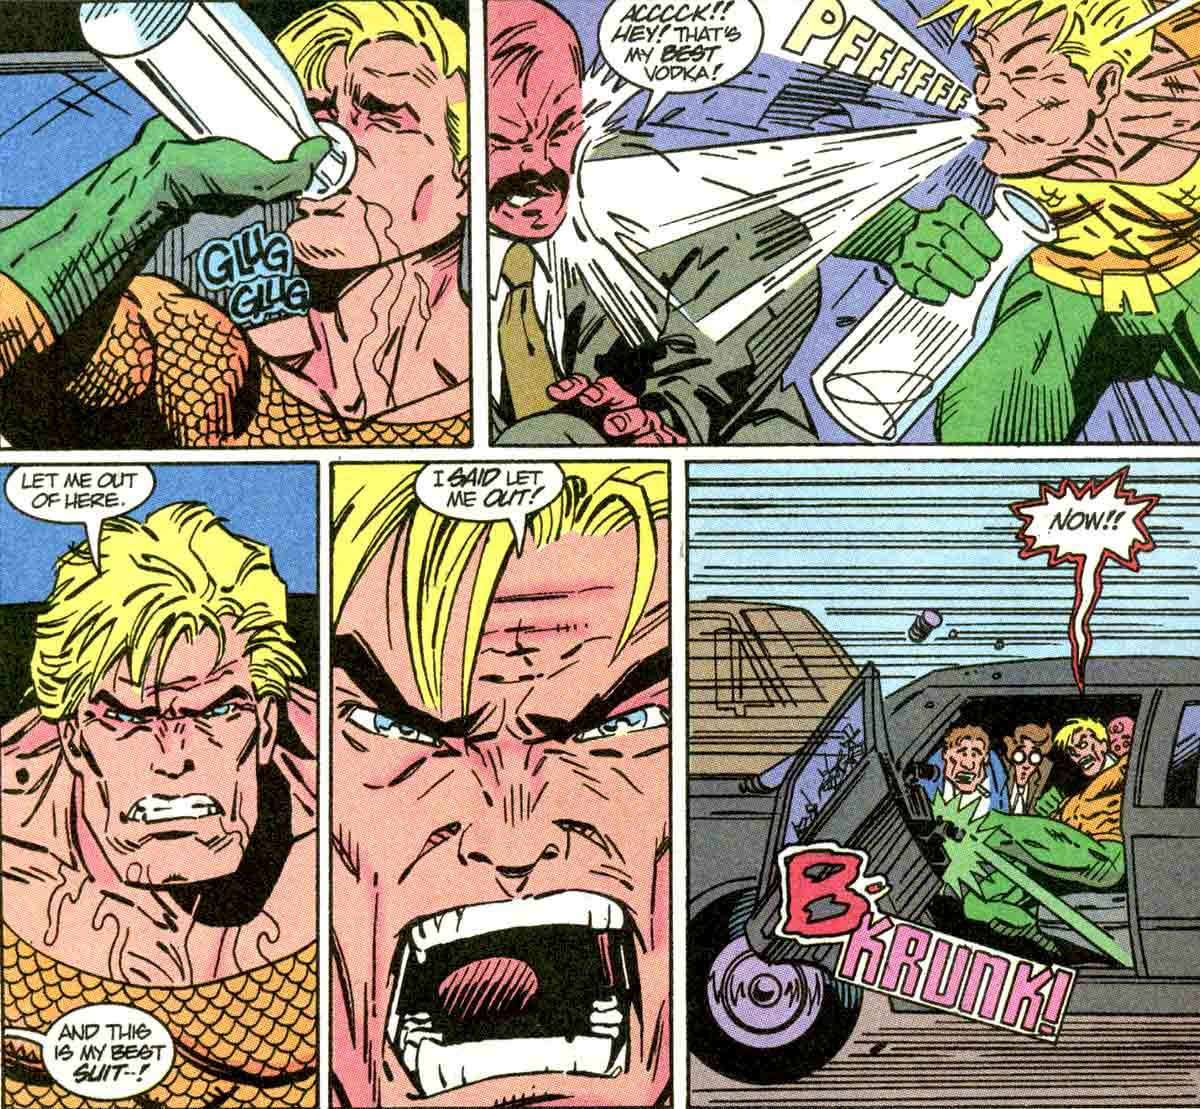 Golem-Comics-Aquaman-Peter-David-Kirk-Jarvinen-03